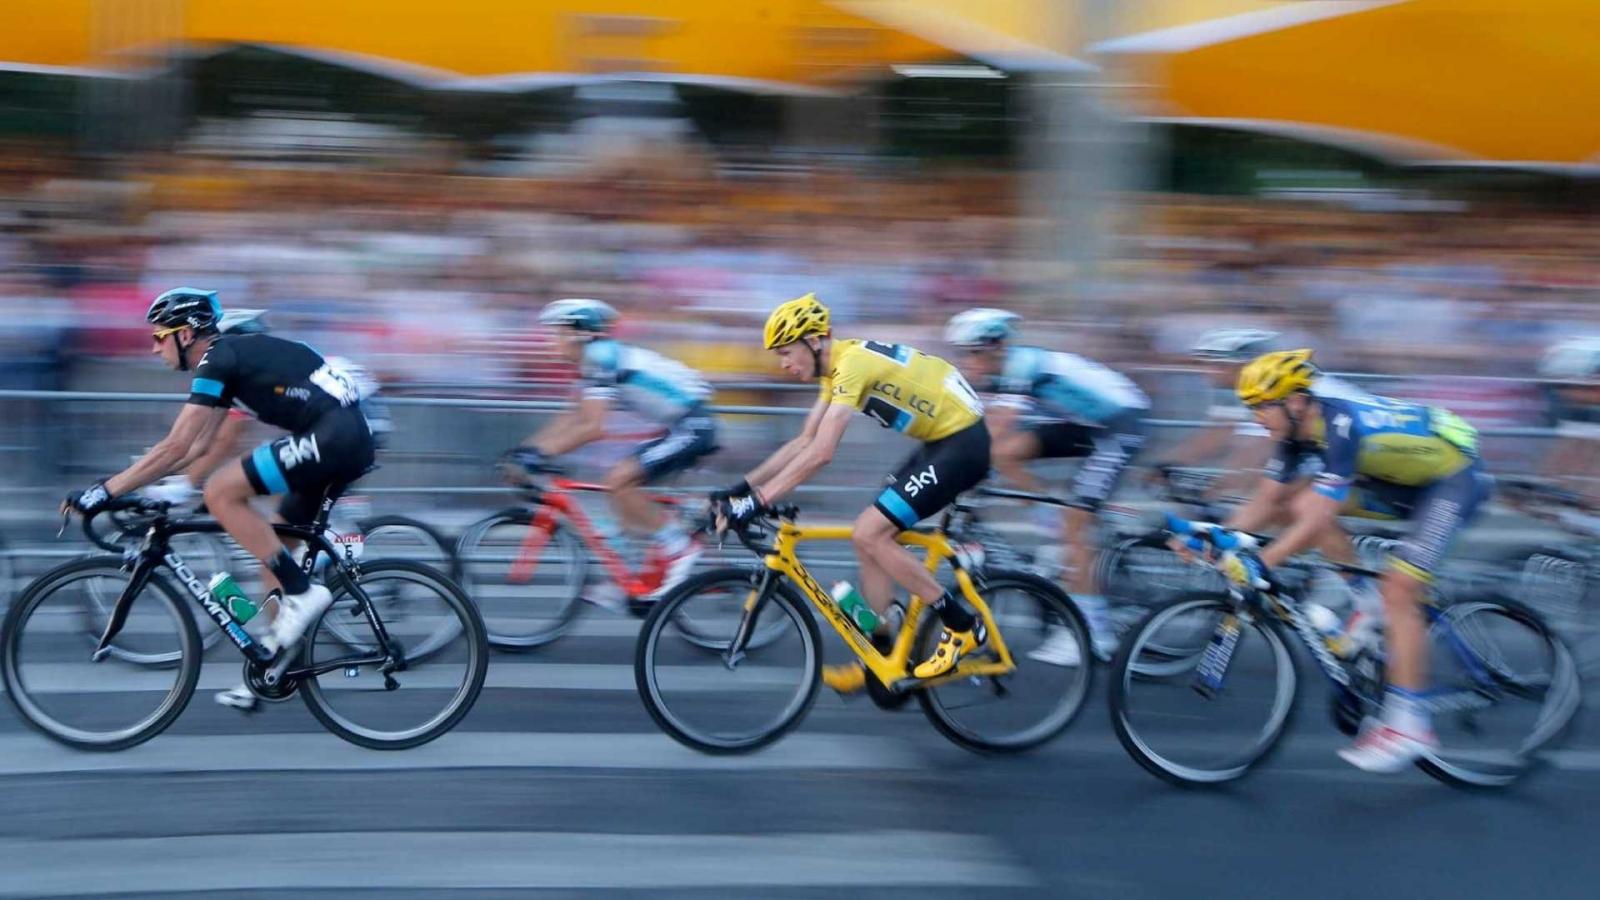 Ciclistas en competencia - 1600x900